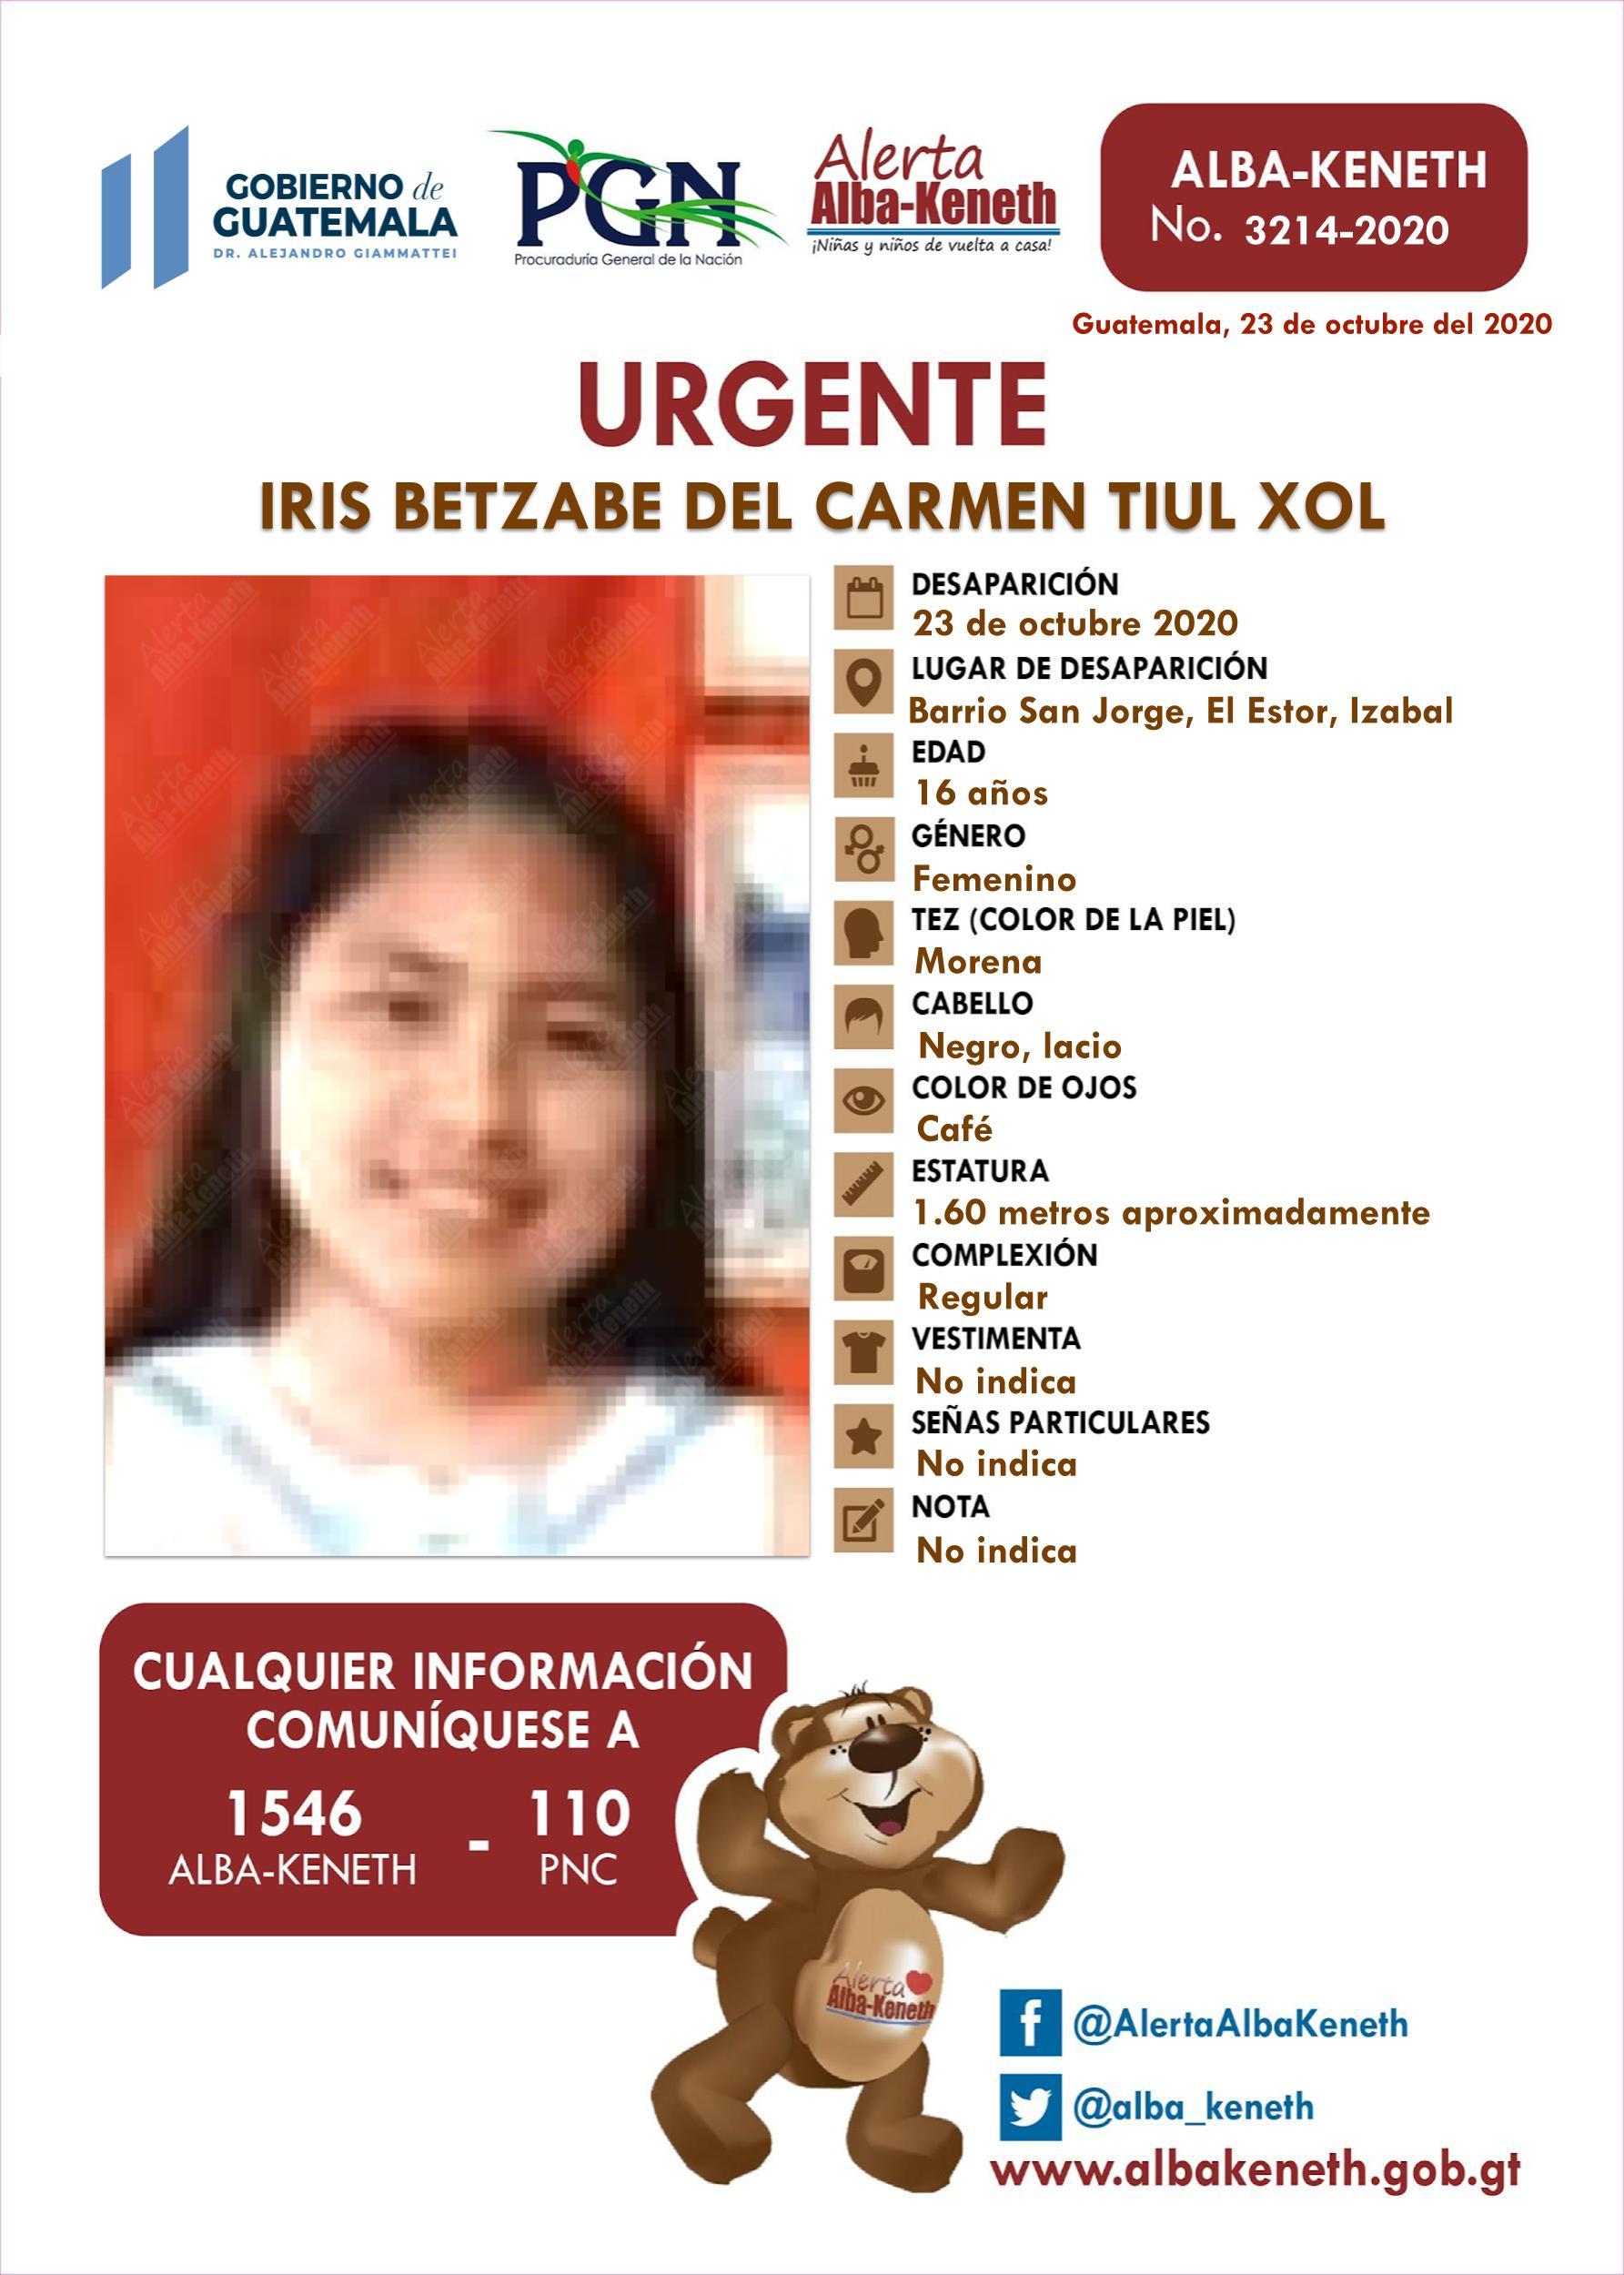 Iris Betzabe del Carmen Tiul Xol